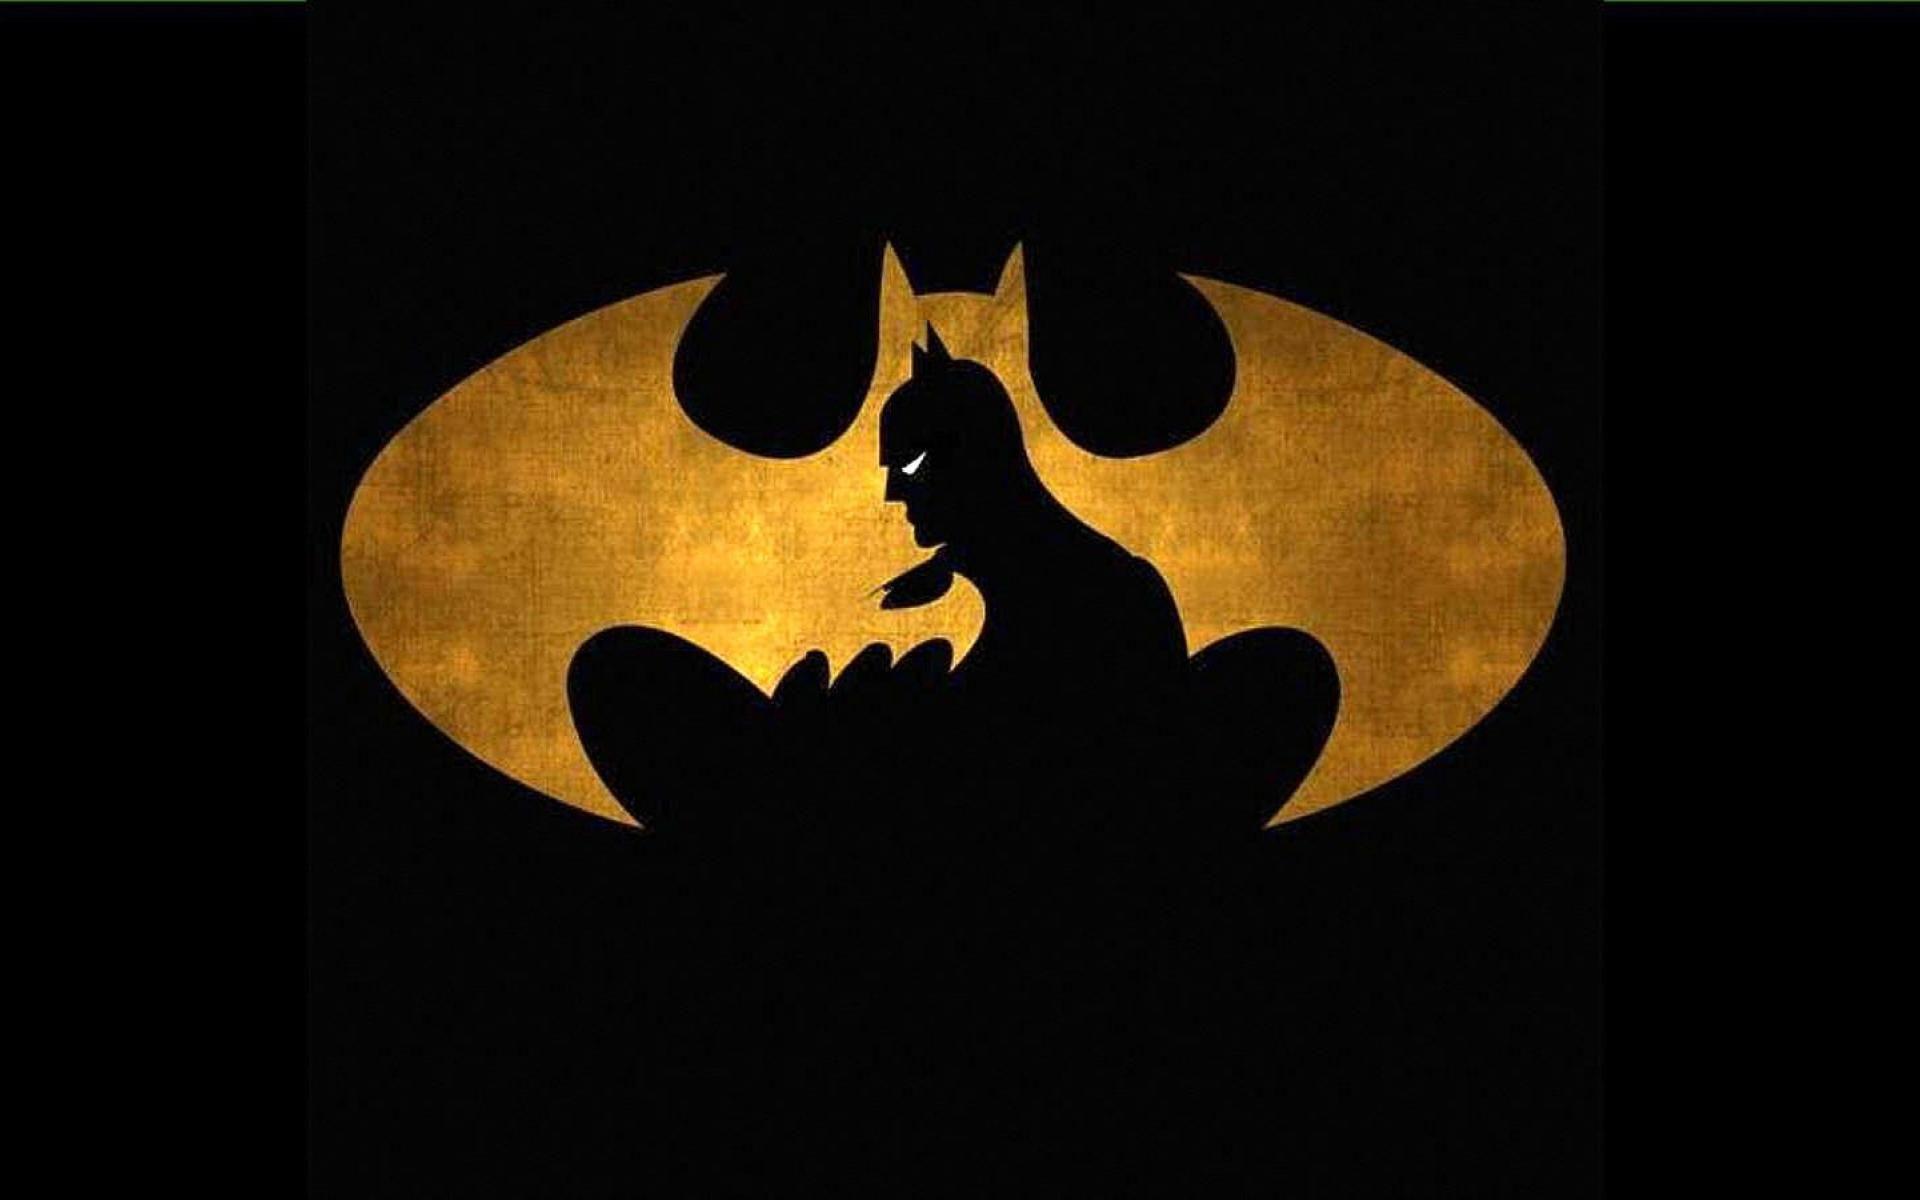 batman logo wallpaper - Google Search | Batman wallpaper ...